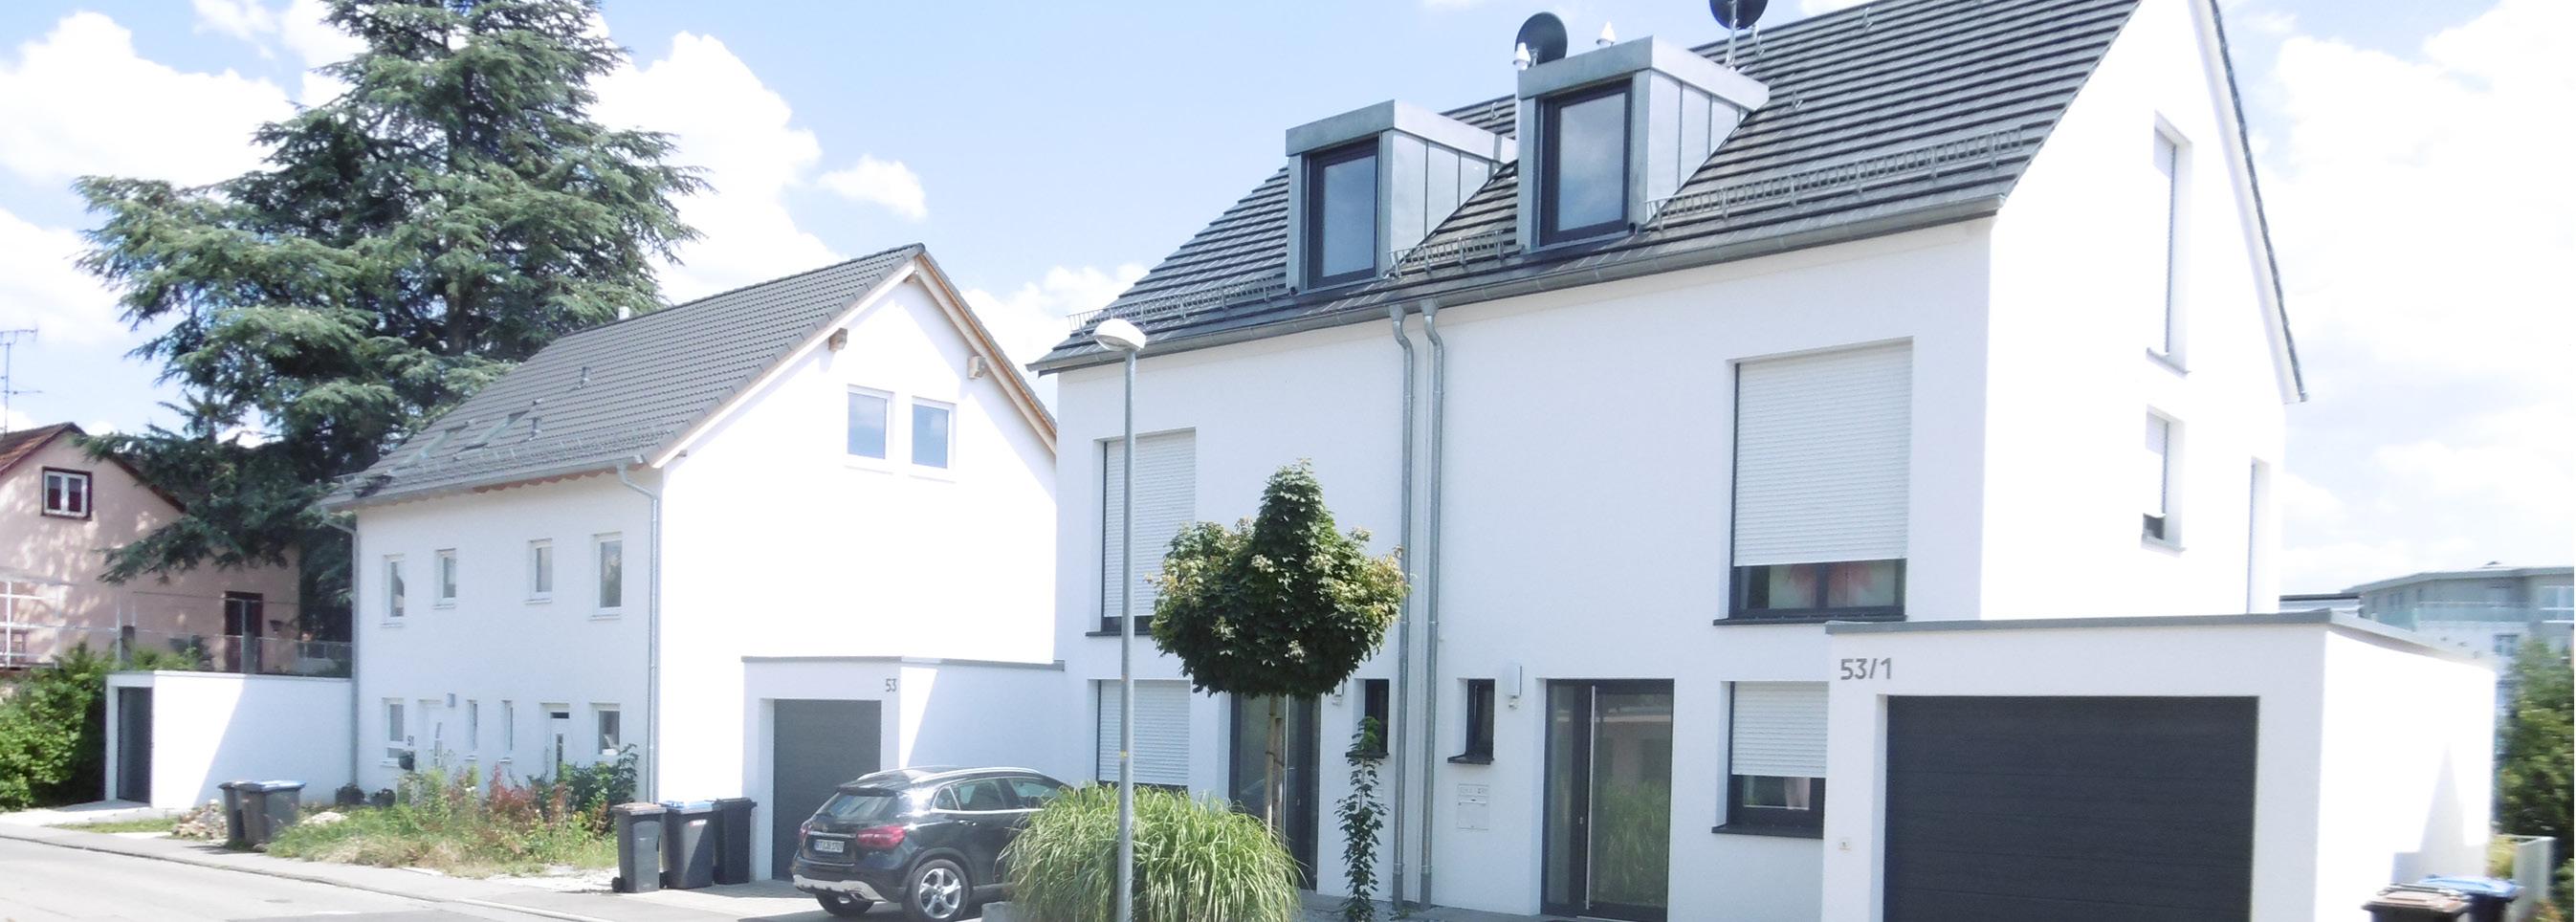 6-Zimmer-Doppelhaushälfte – Lüftestraße 53/1, Reutlingen